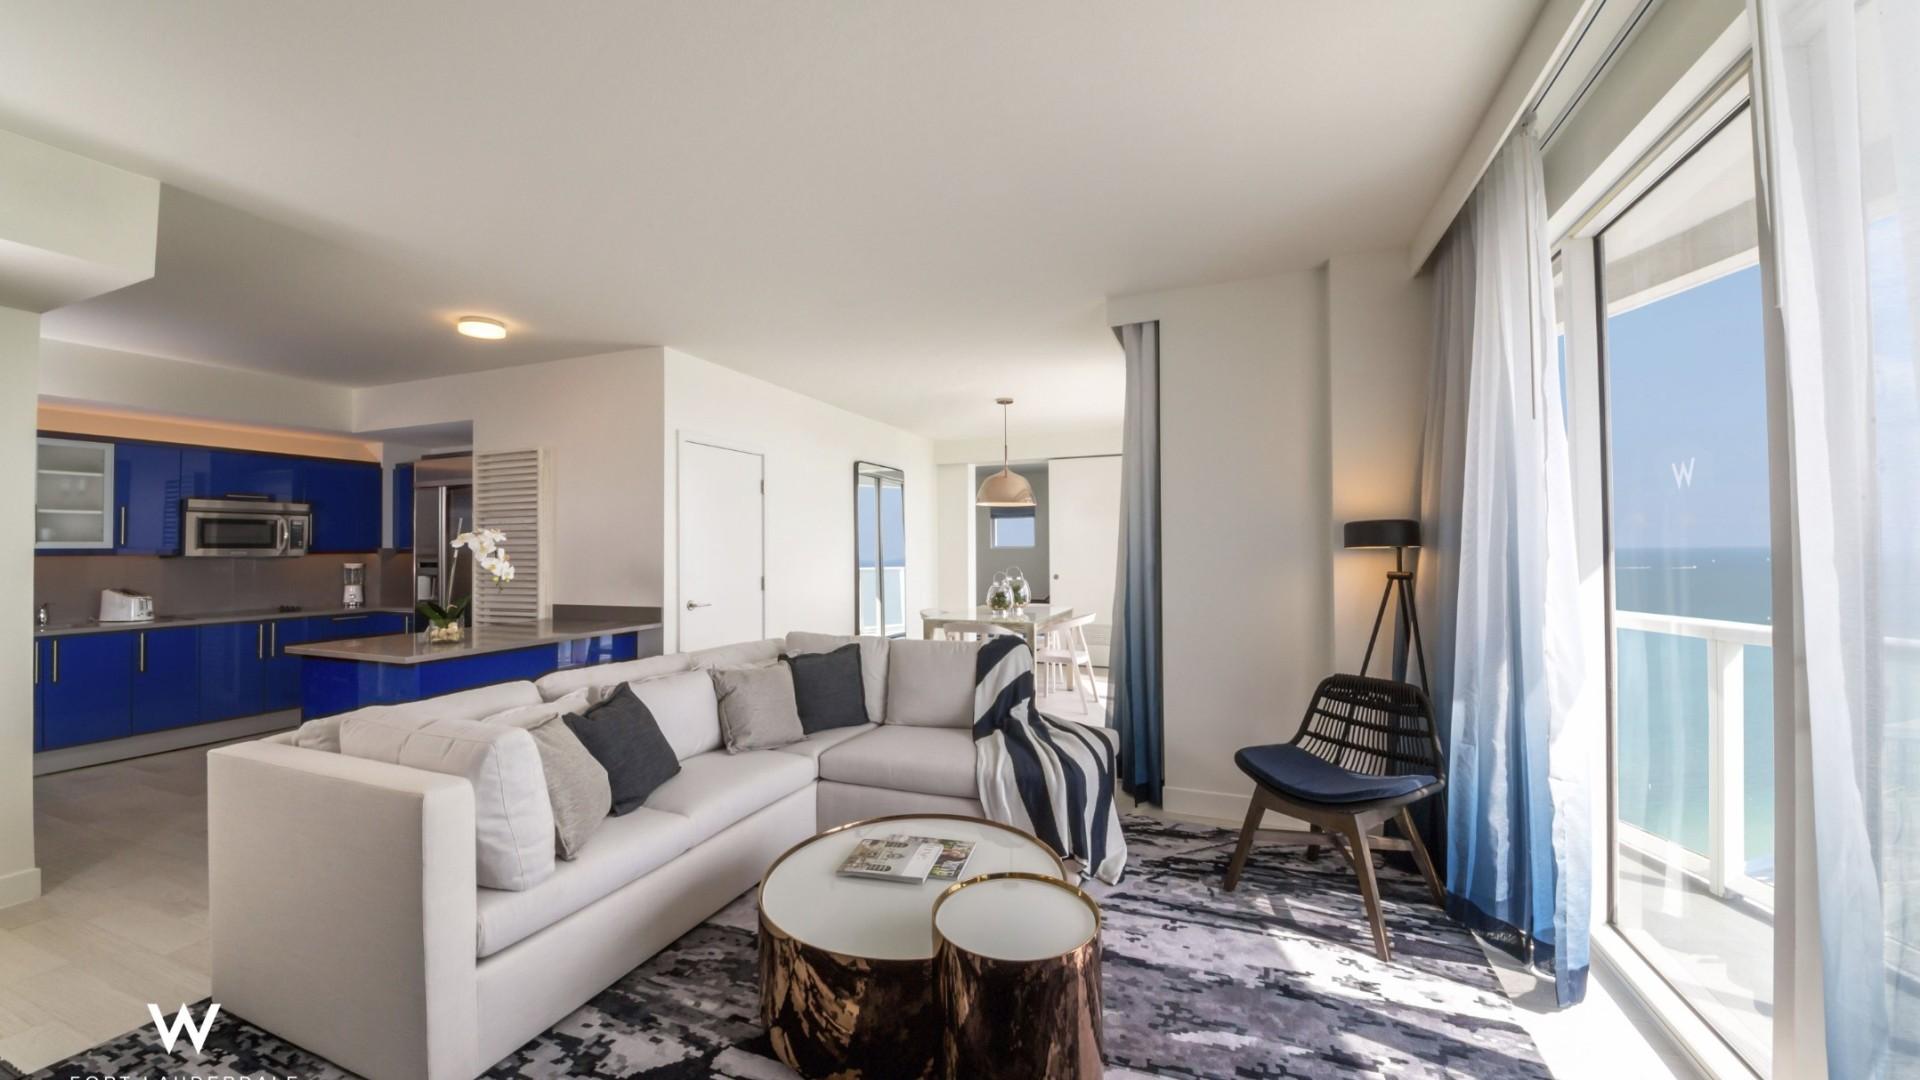 Ático en venta en Dubai, EAU, 3 dormitorios, 556 m2, № 24314 – foto 2